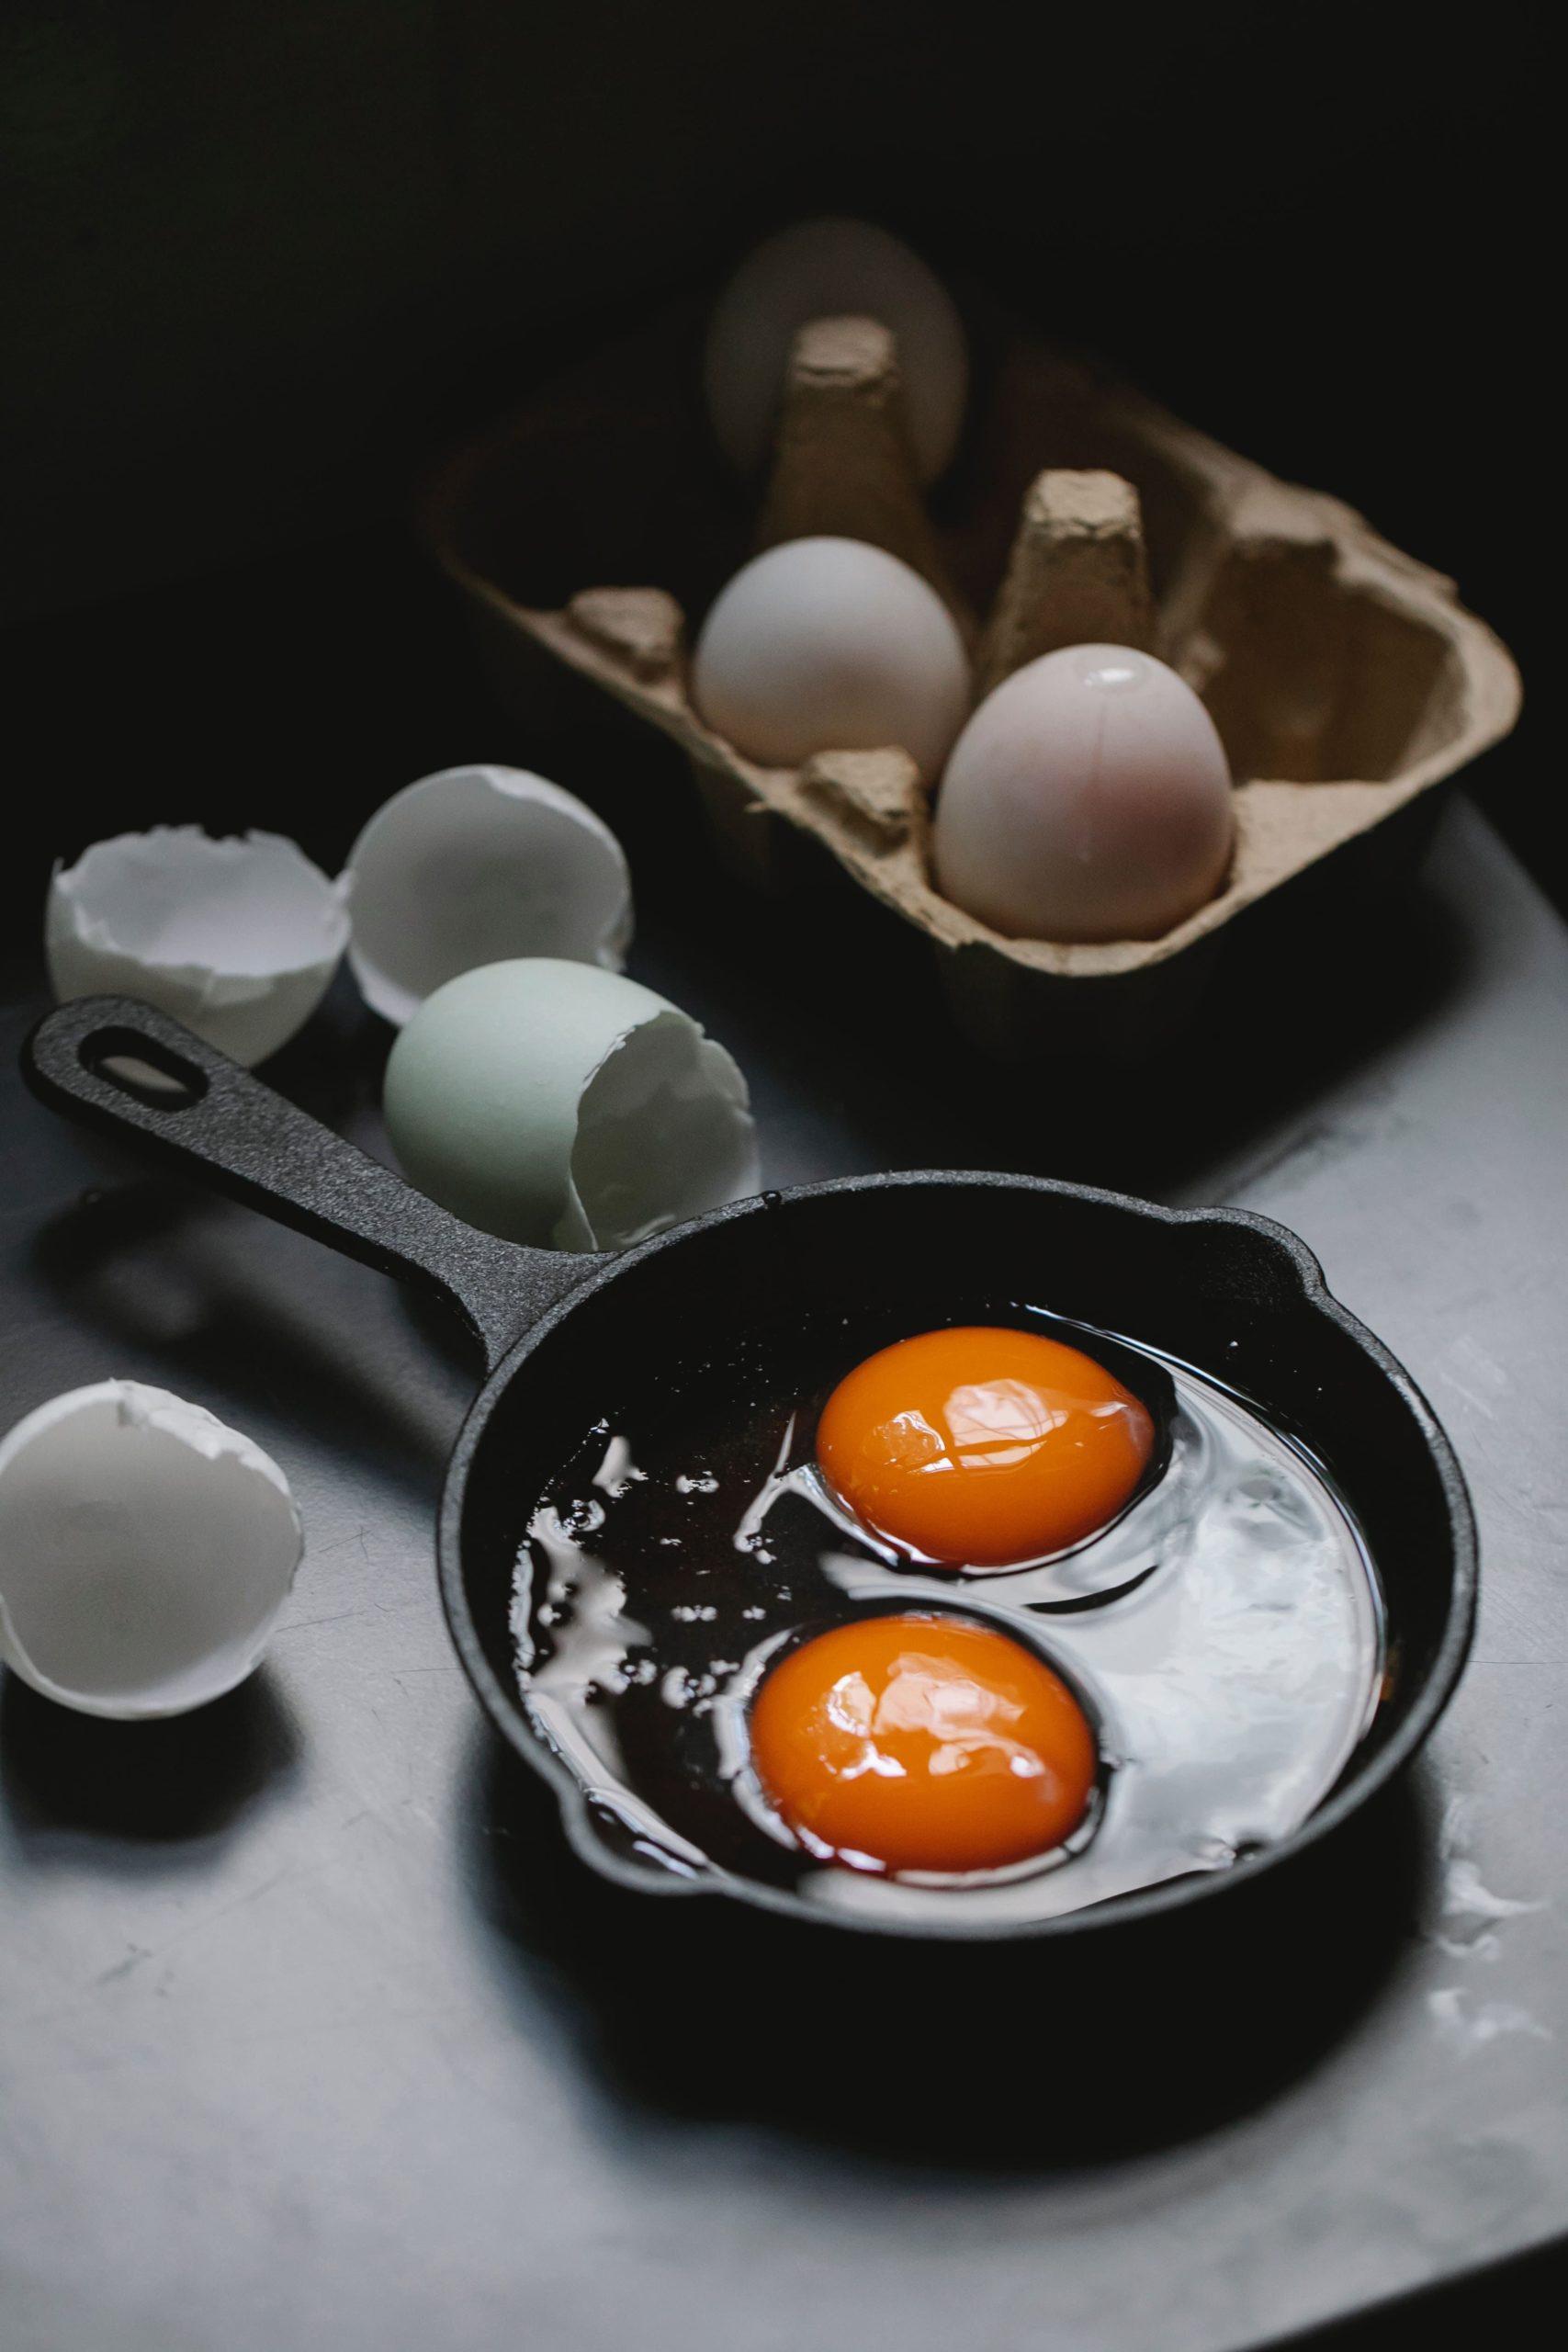 Guía básica del uso de sartenes en la cocina – por sartenes.pro